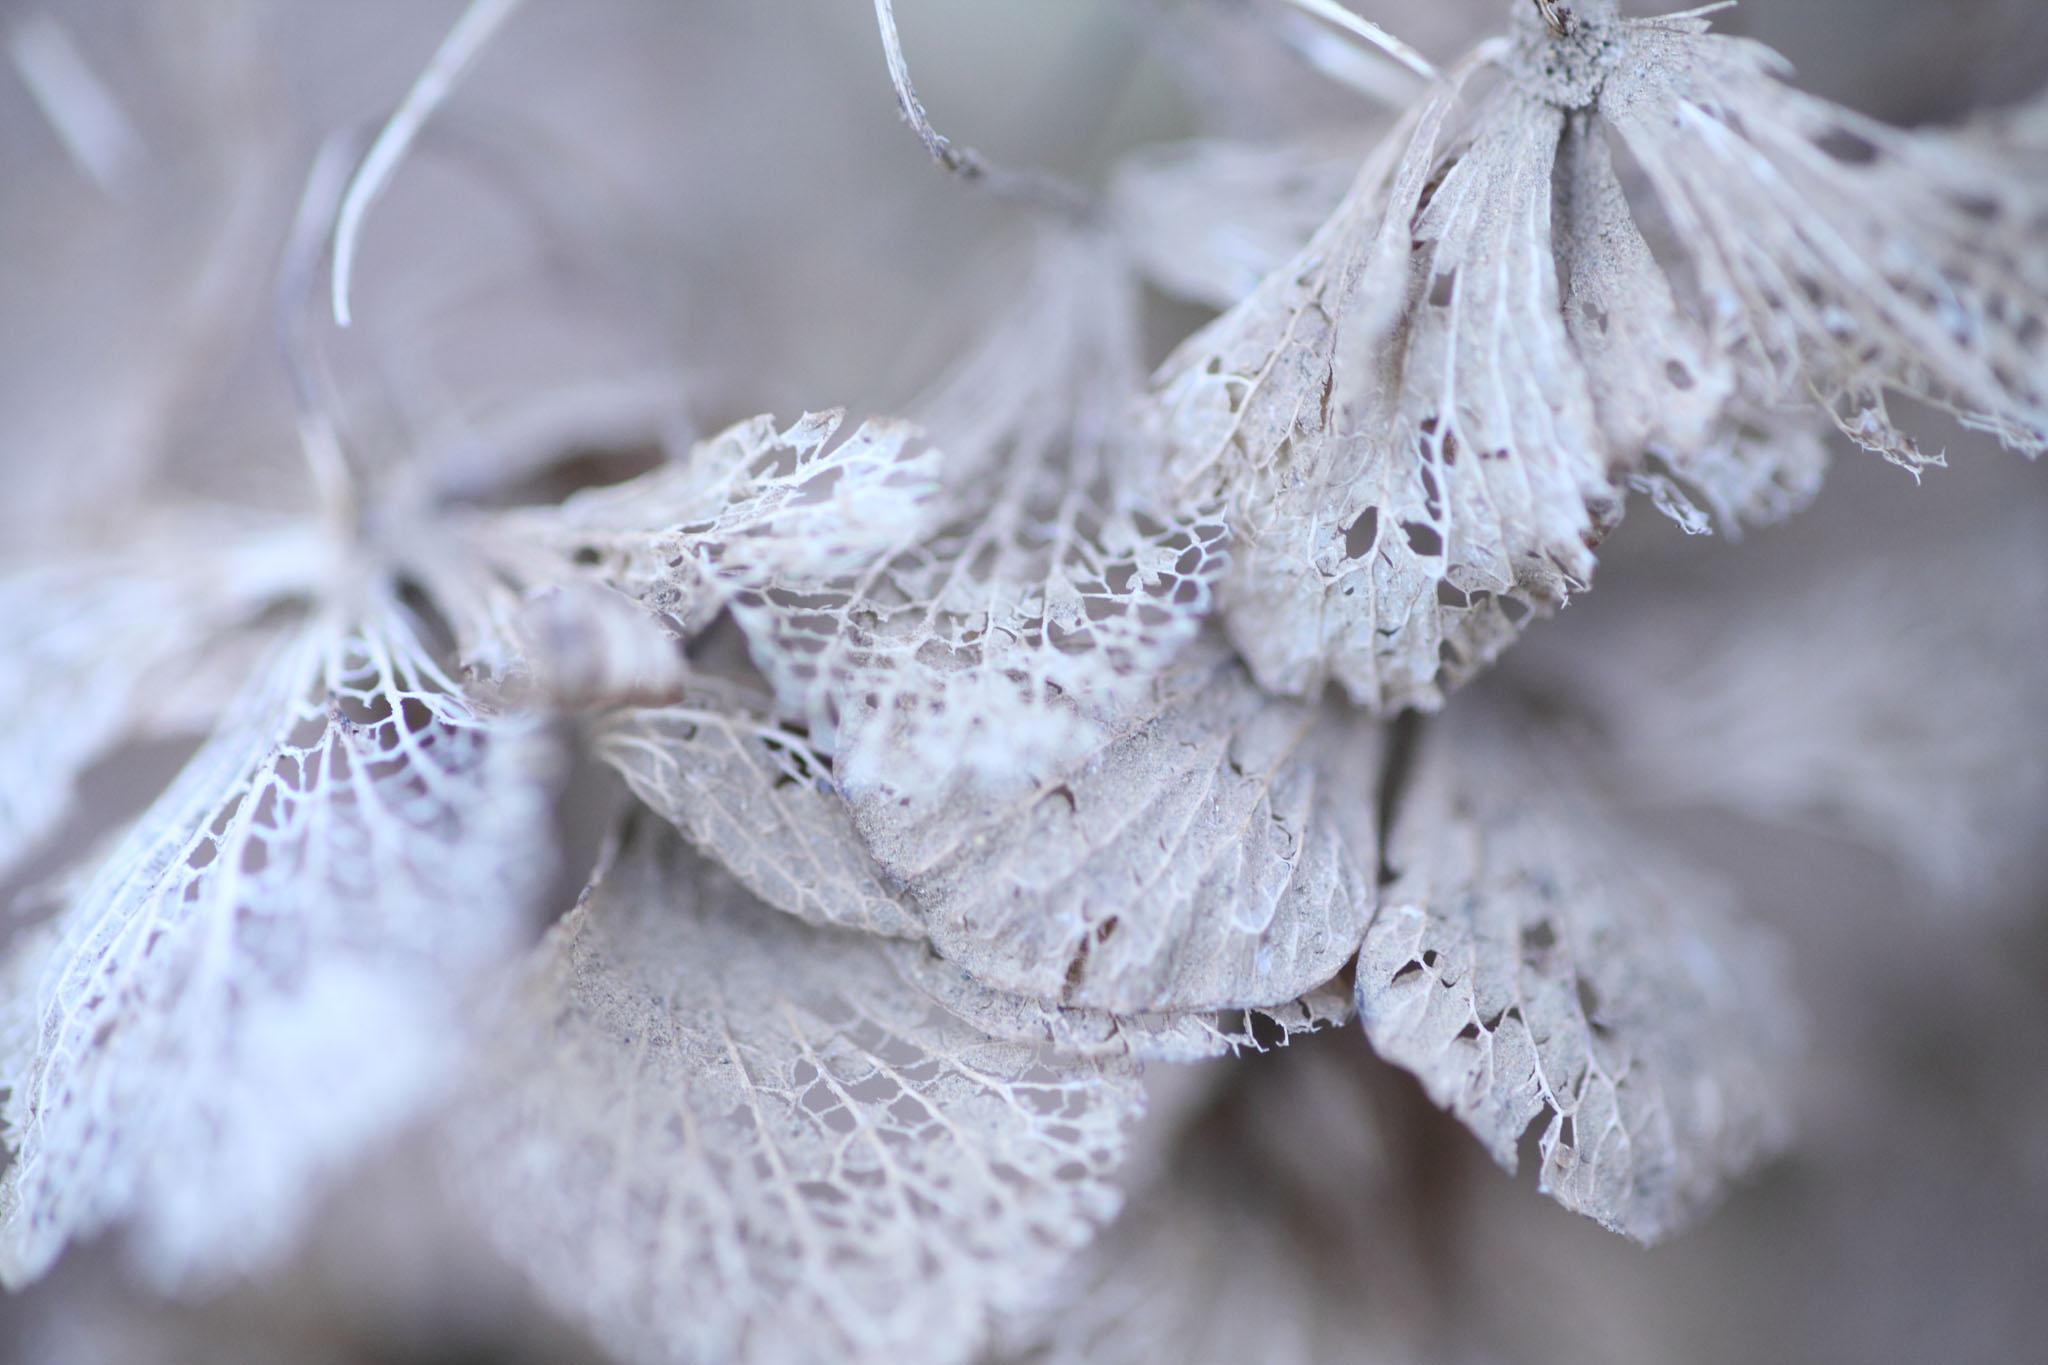 過ぎ行く季節を感じる_c0299360_21391380.jpg